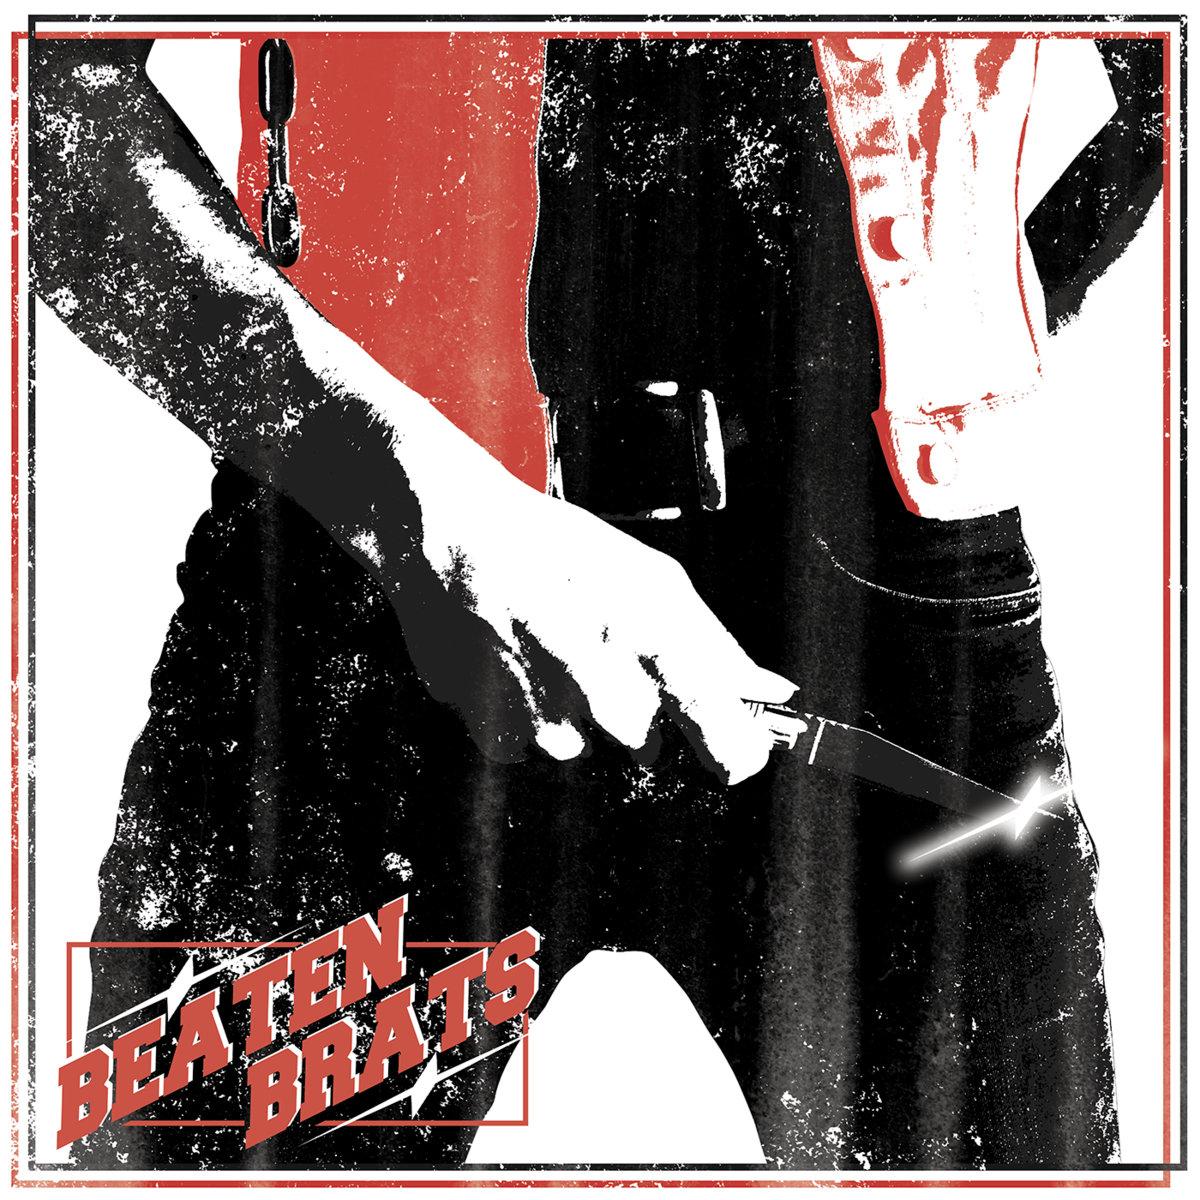 beaten brats dangerhouse danger house skylab 2019 rock 'n' roll punk lyon croix rousse patrick foulhoux critique review chronique album ep